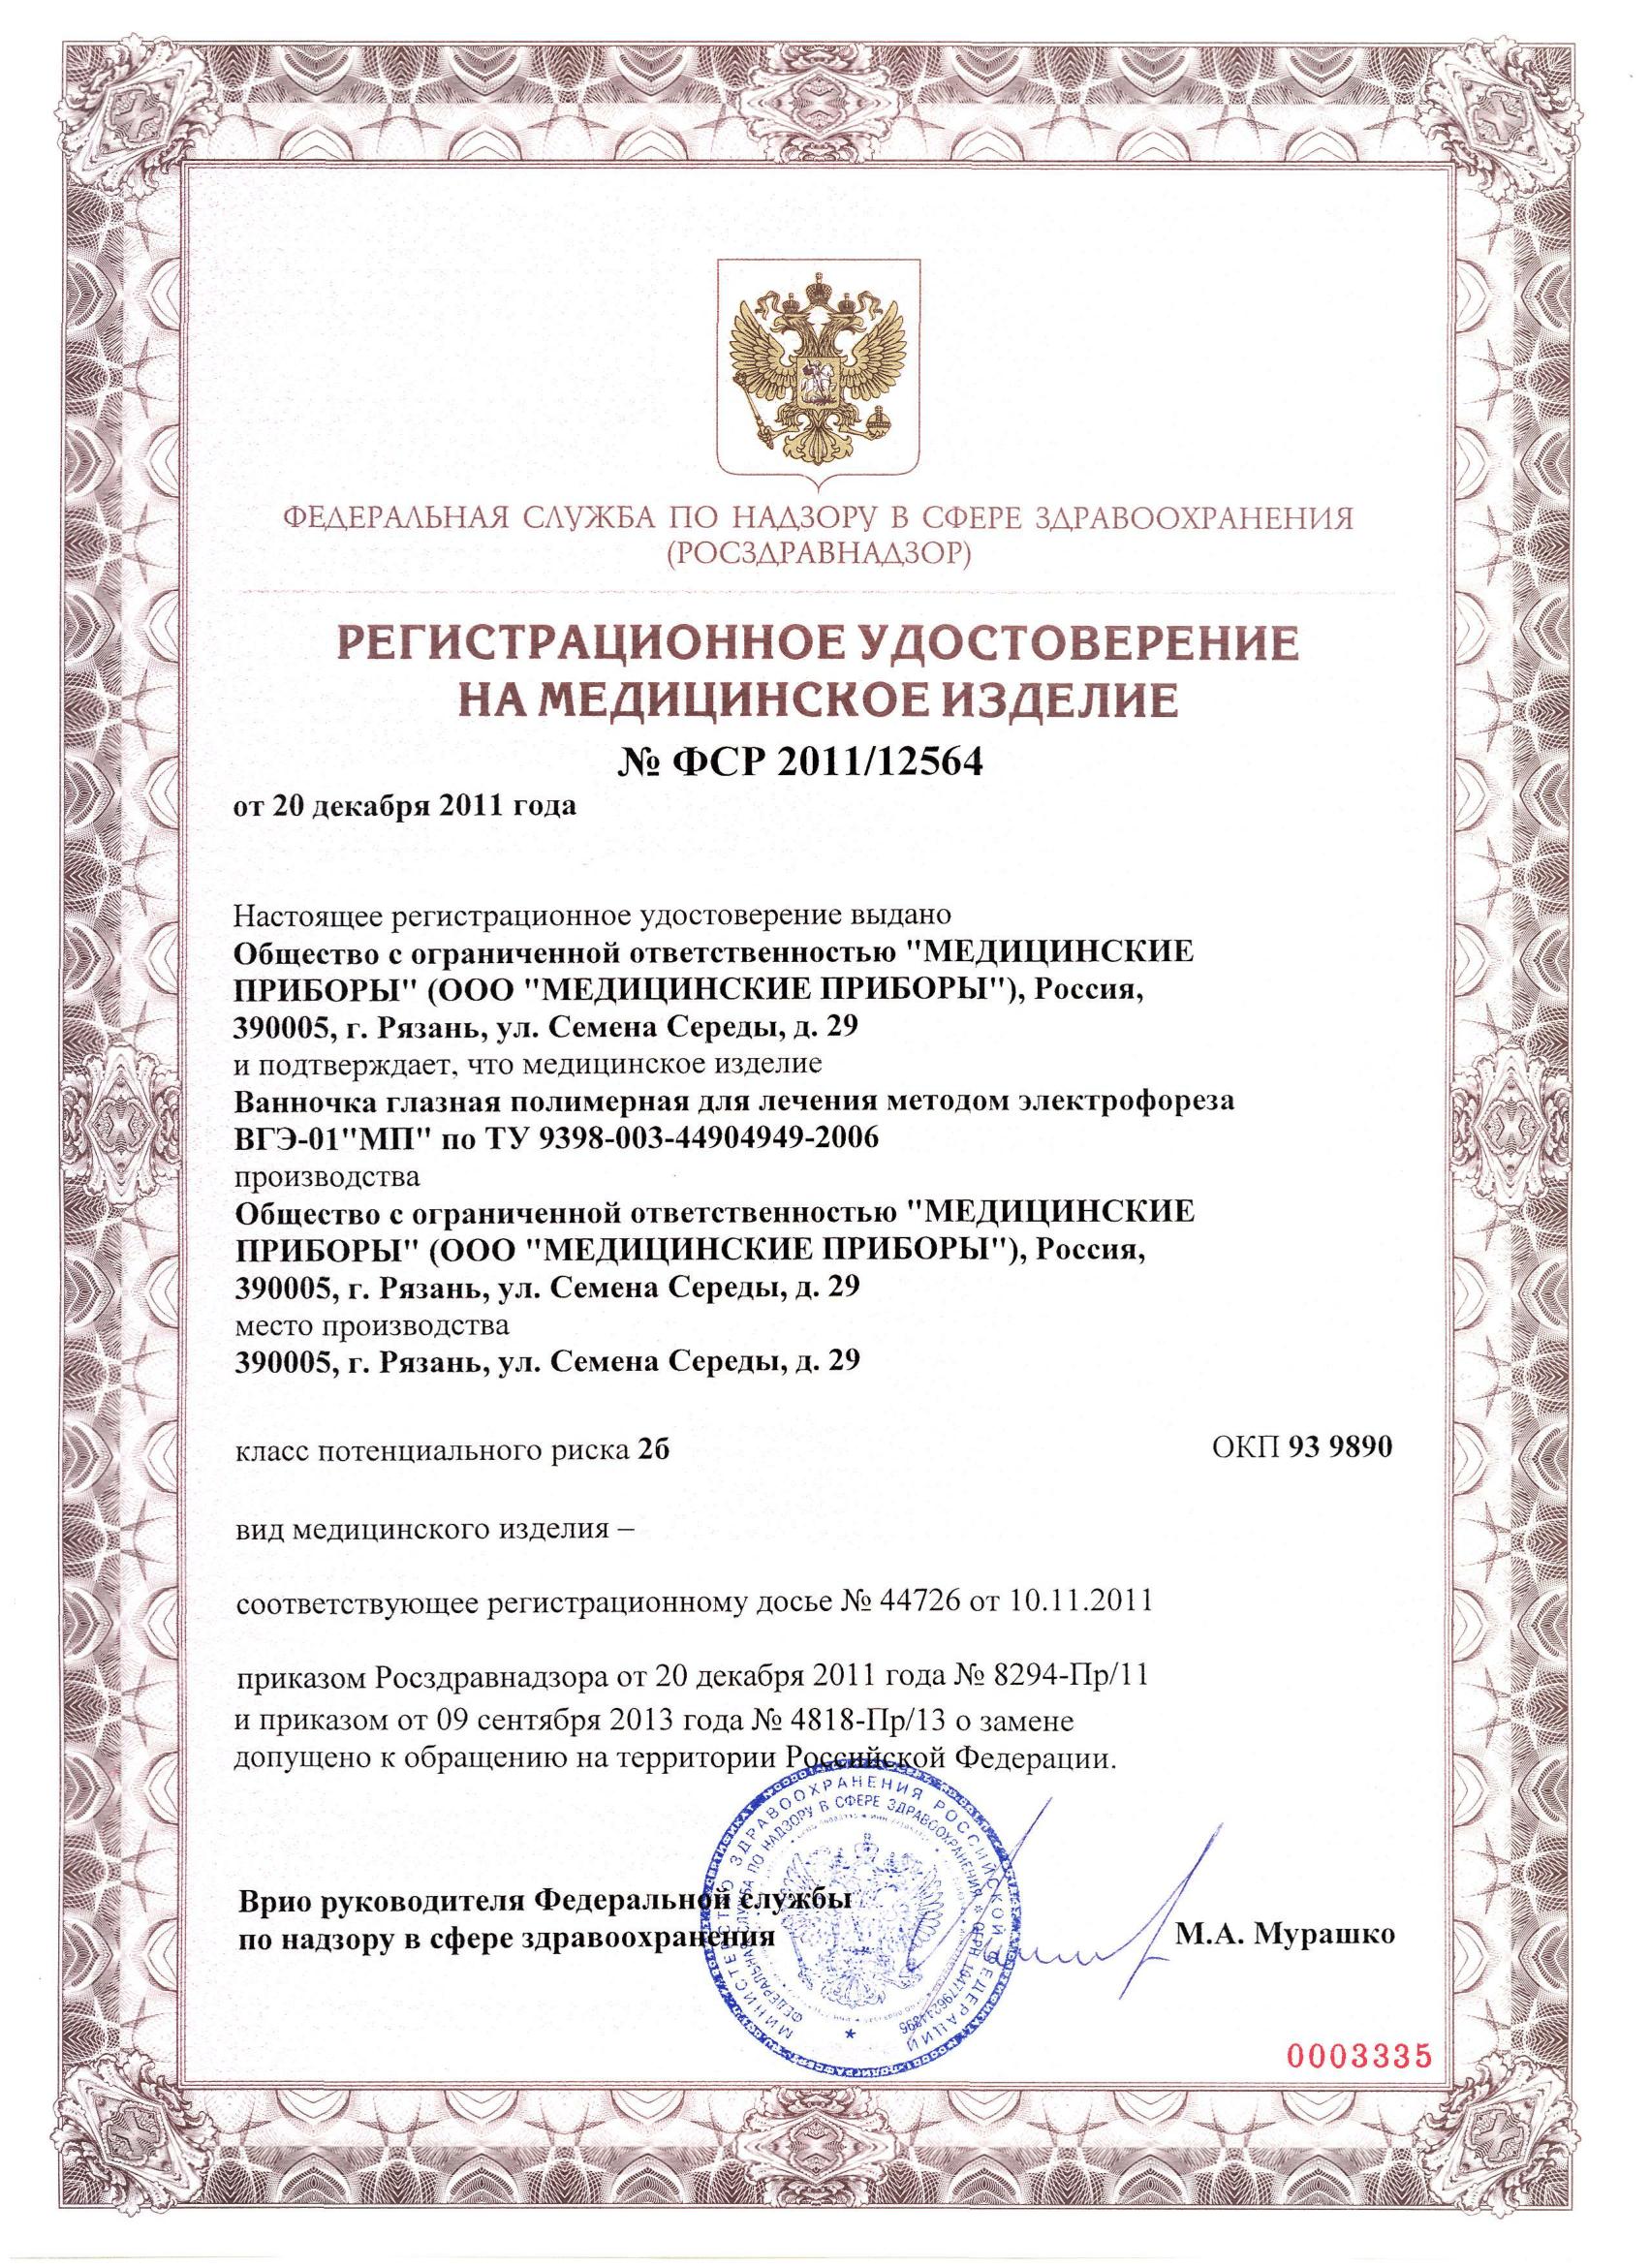 Рег. удостоверение электрофорез